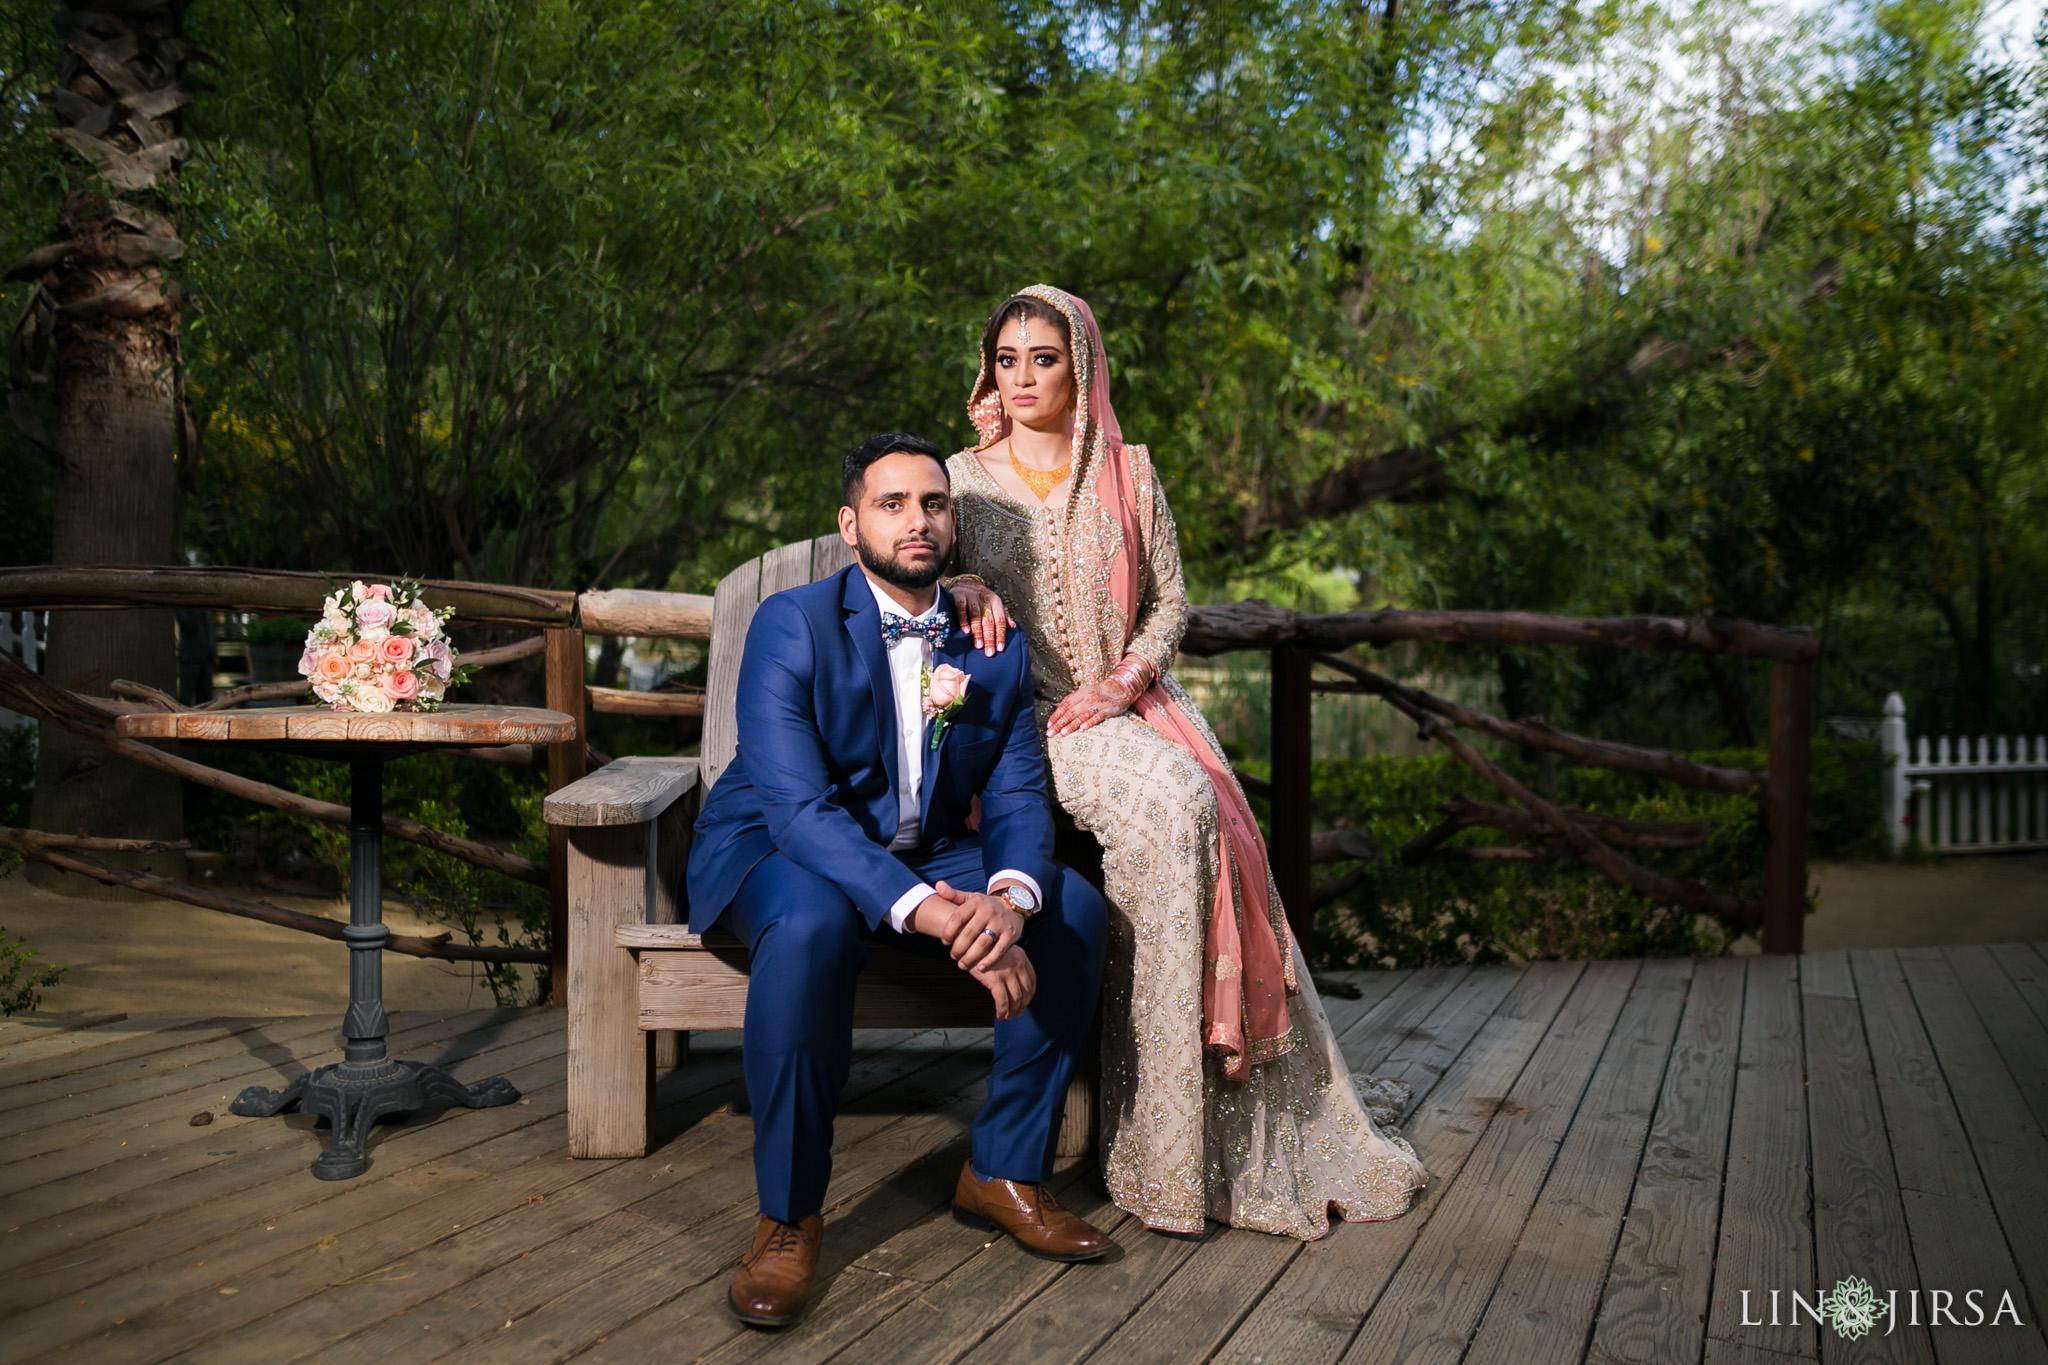 10-calamigos-ranch-muslim-wedding-photography